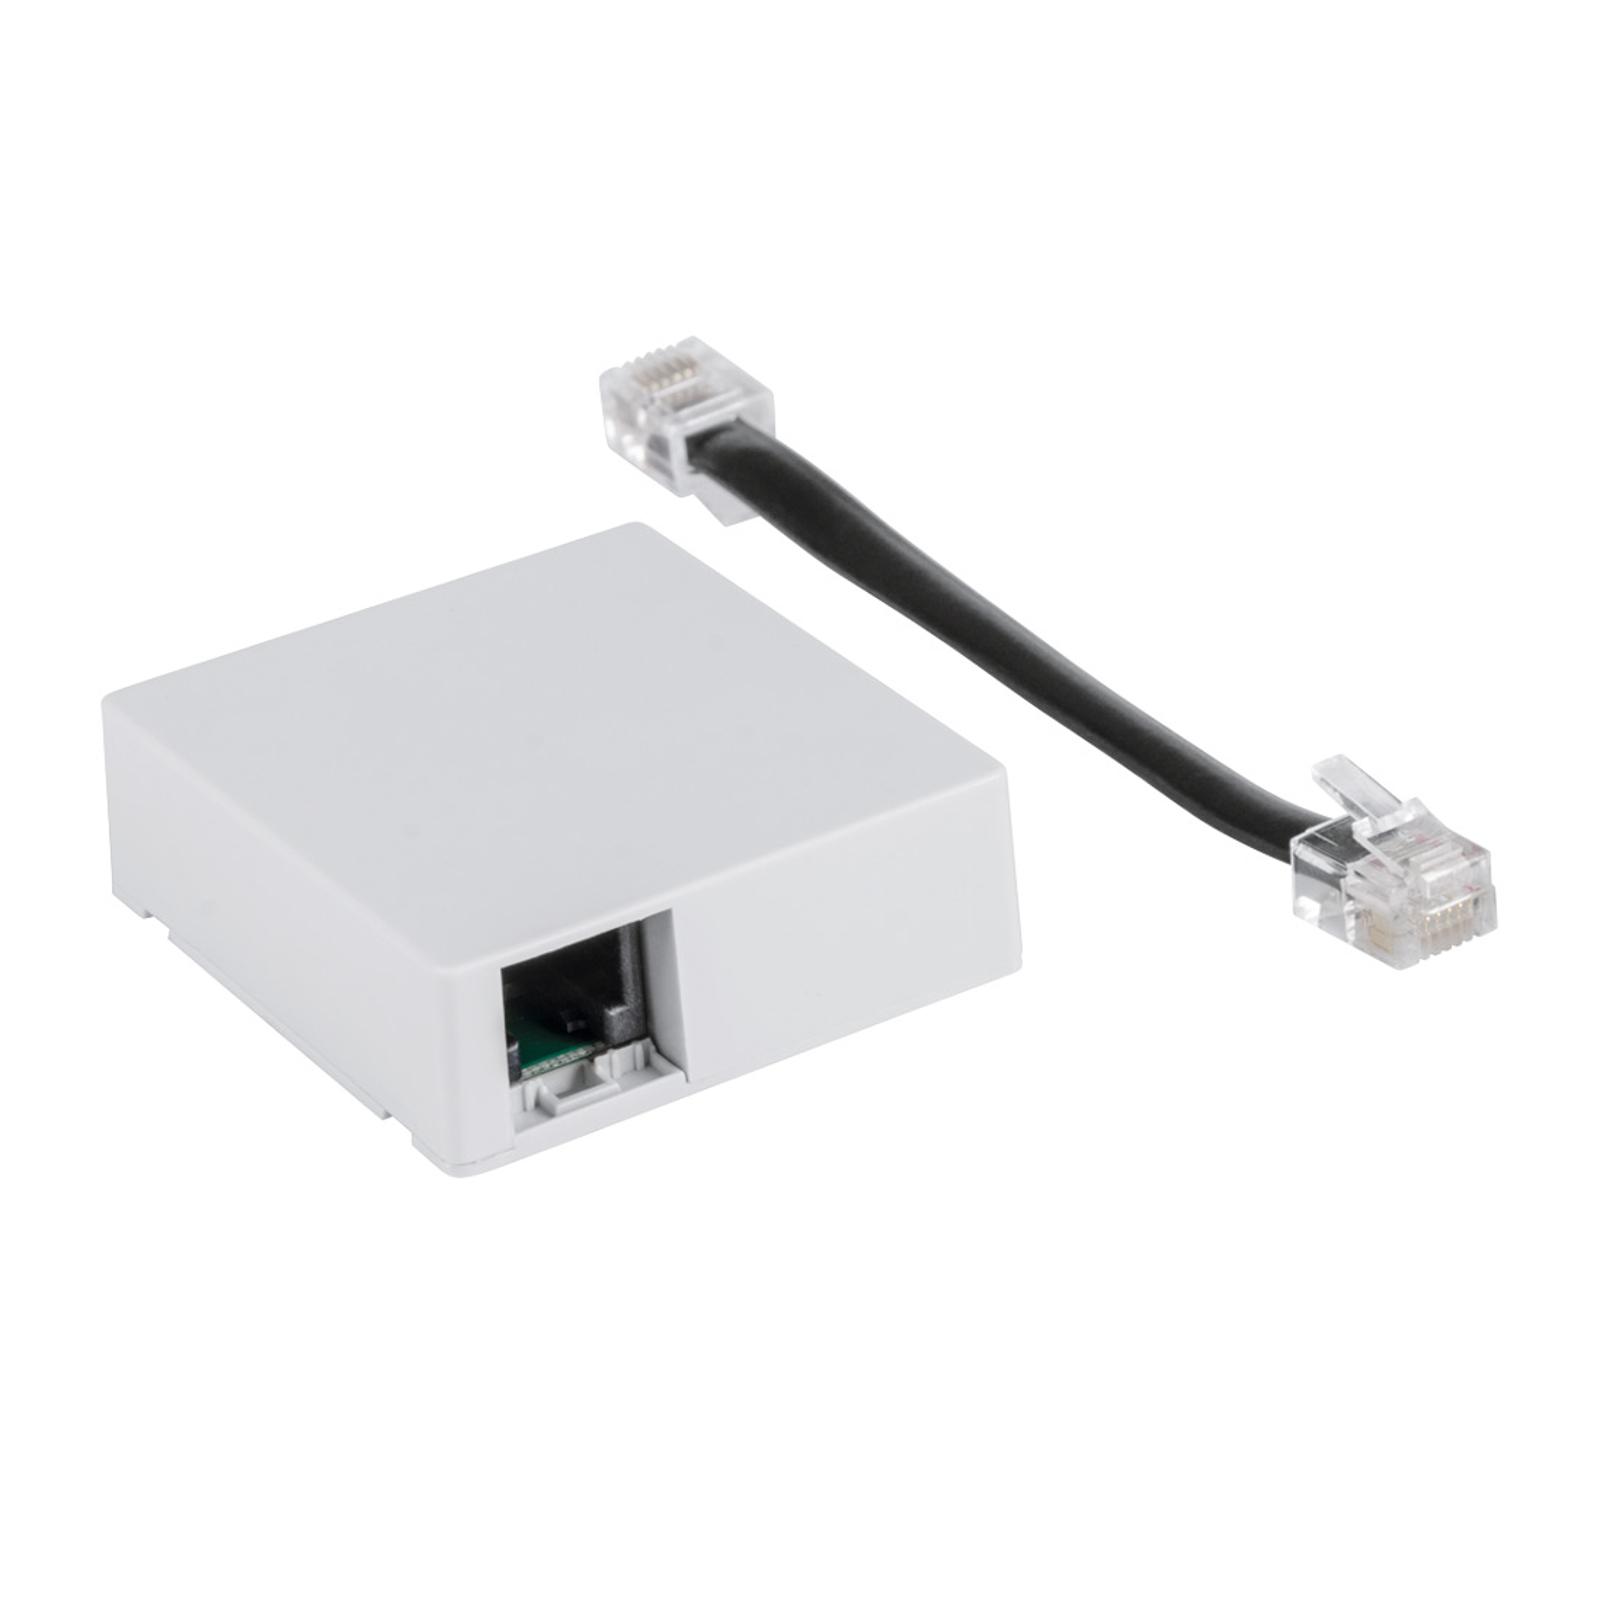 Homematic IP-adaptermodul for Hörmann-drift